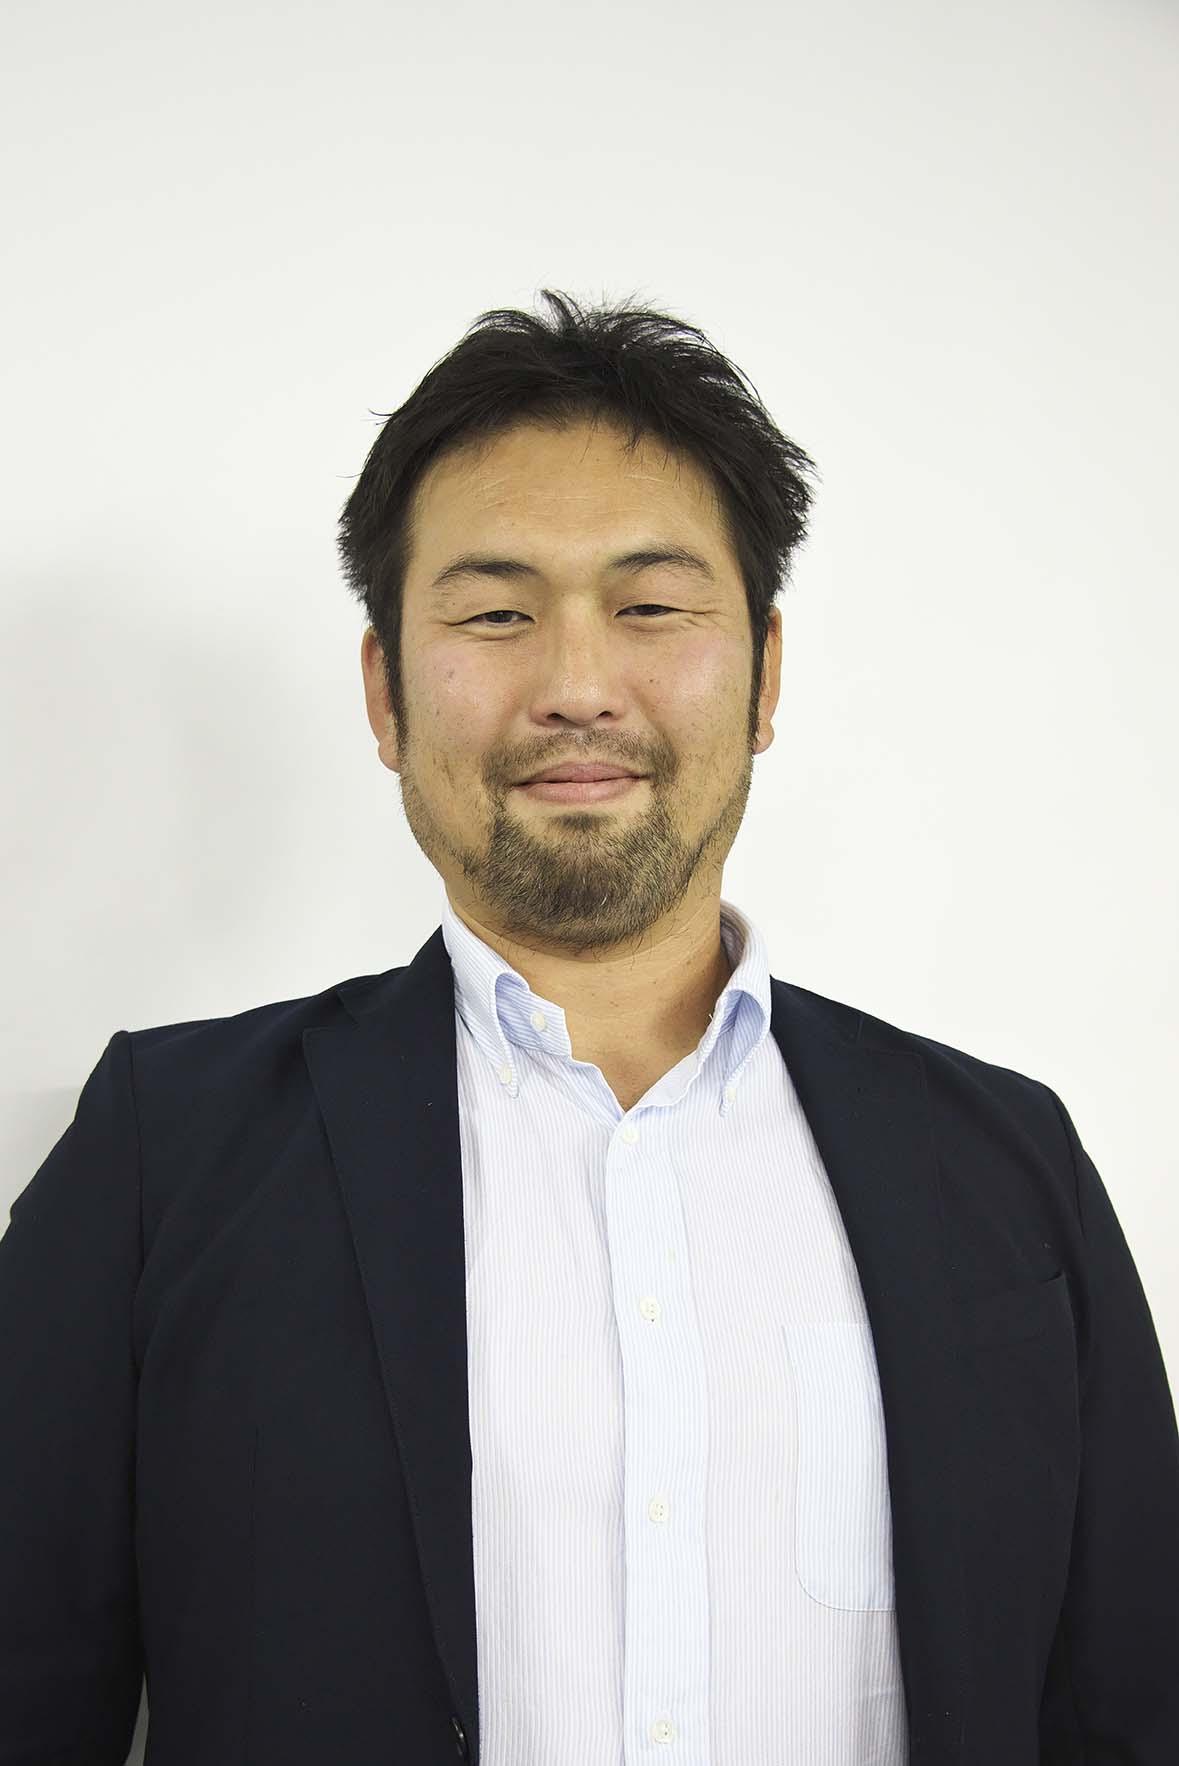 全日本BMX連盟広報担当の猪俣健一さん。元マウンテンバイク選手で、カメラマンとしても活躍中。